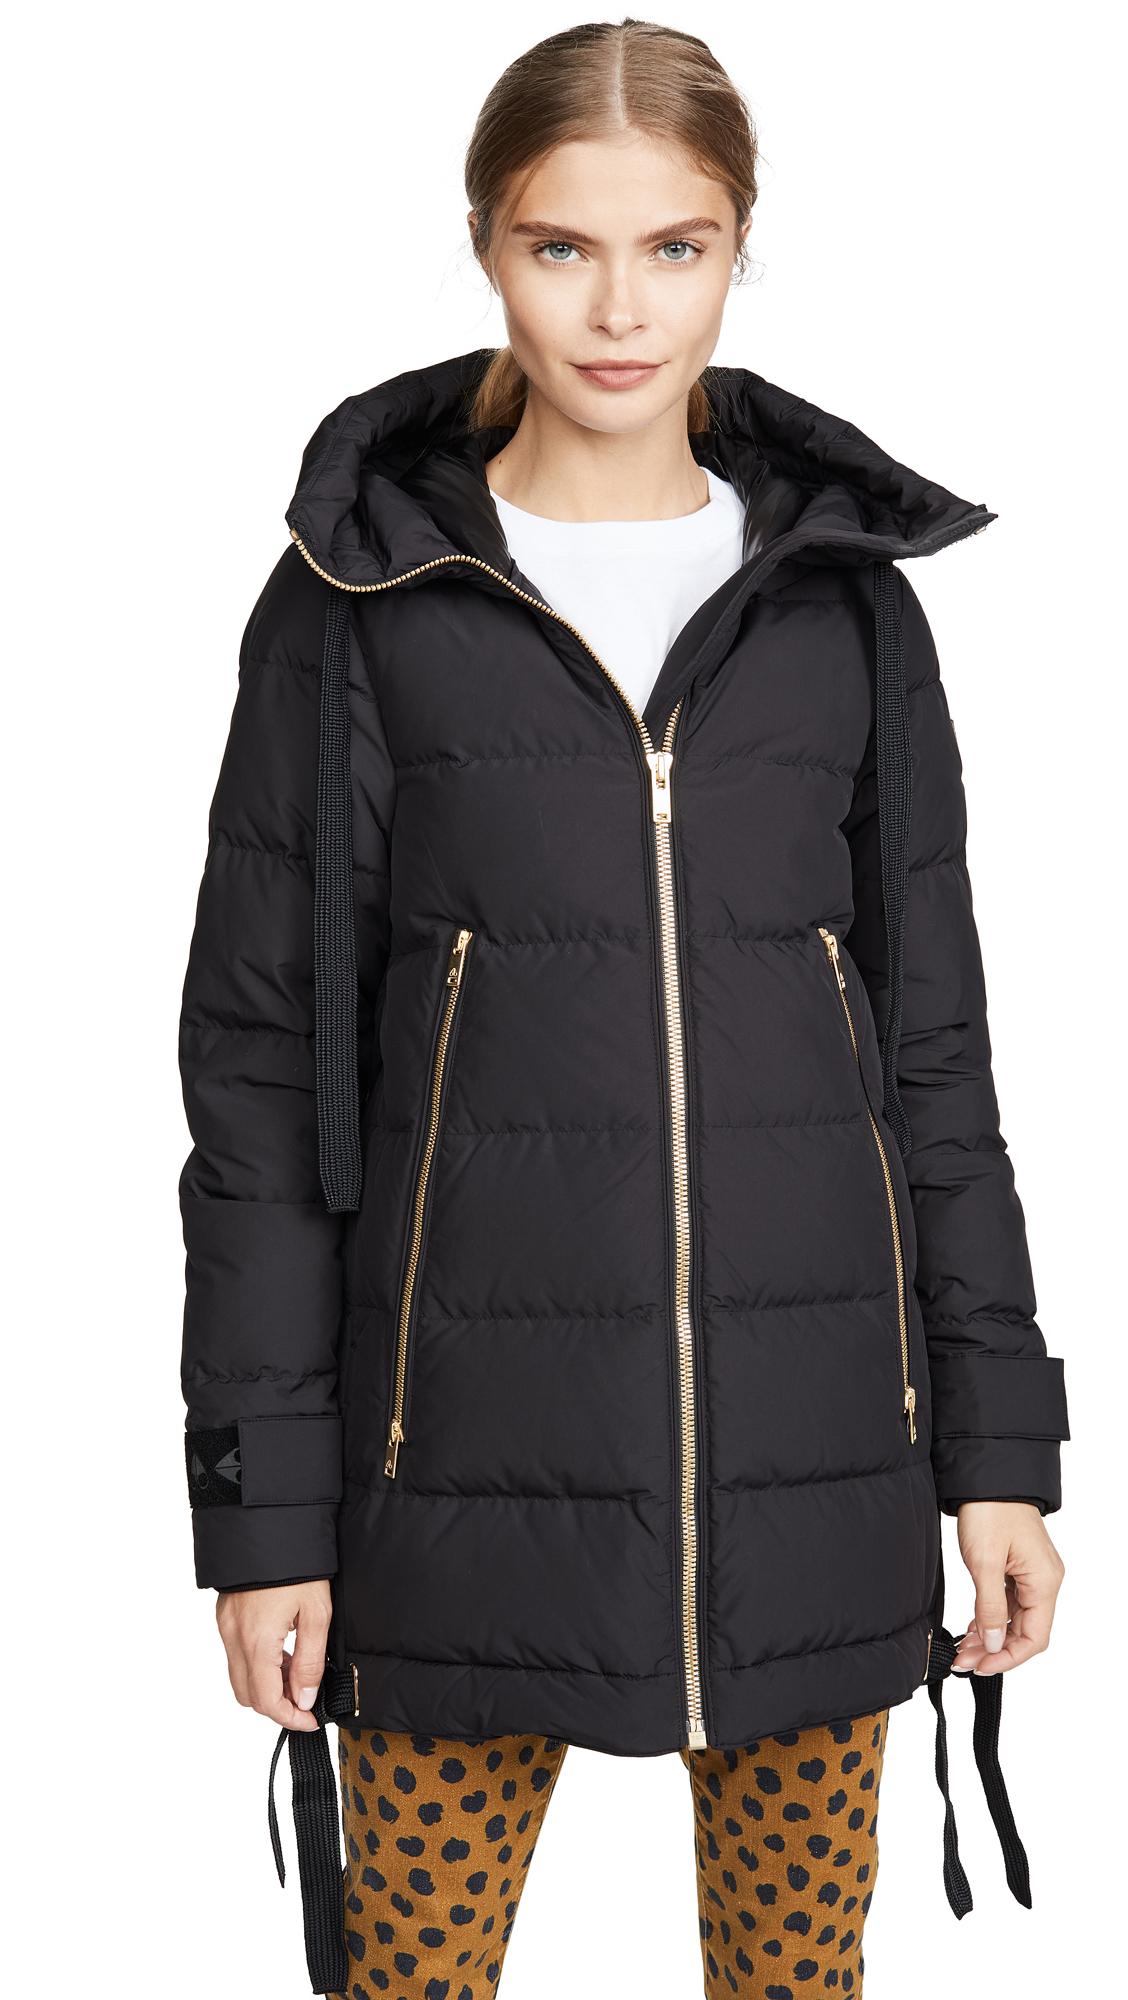 Buy Moose Knuckles Val Marie Jacket online beautiful Moose Knuckles Jackets, Coats, Down Jackets